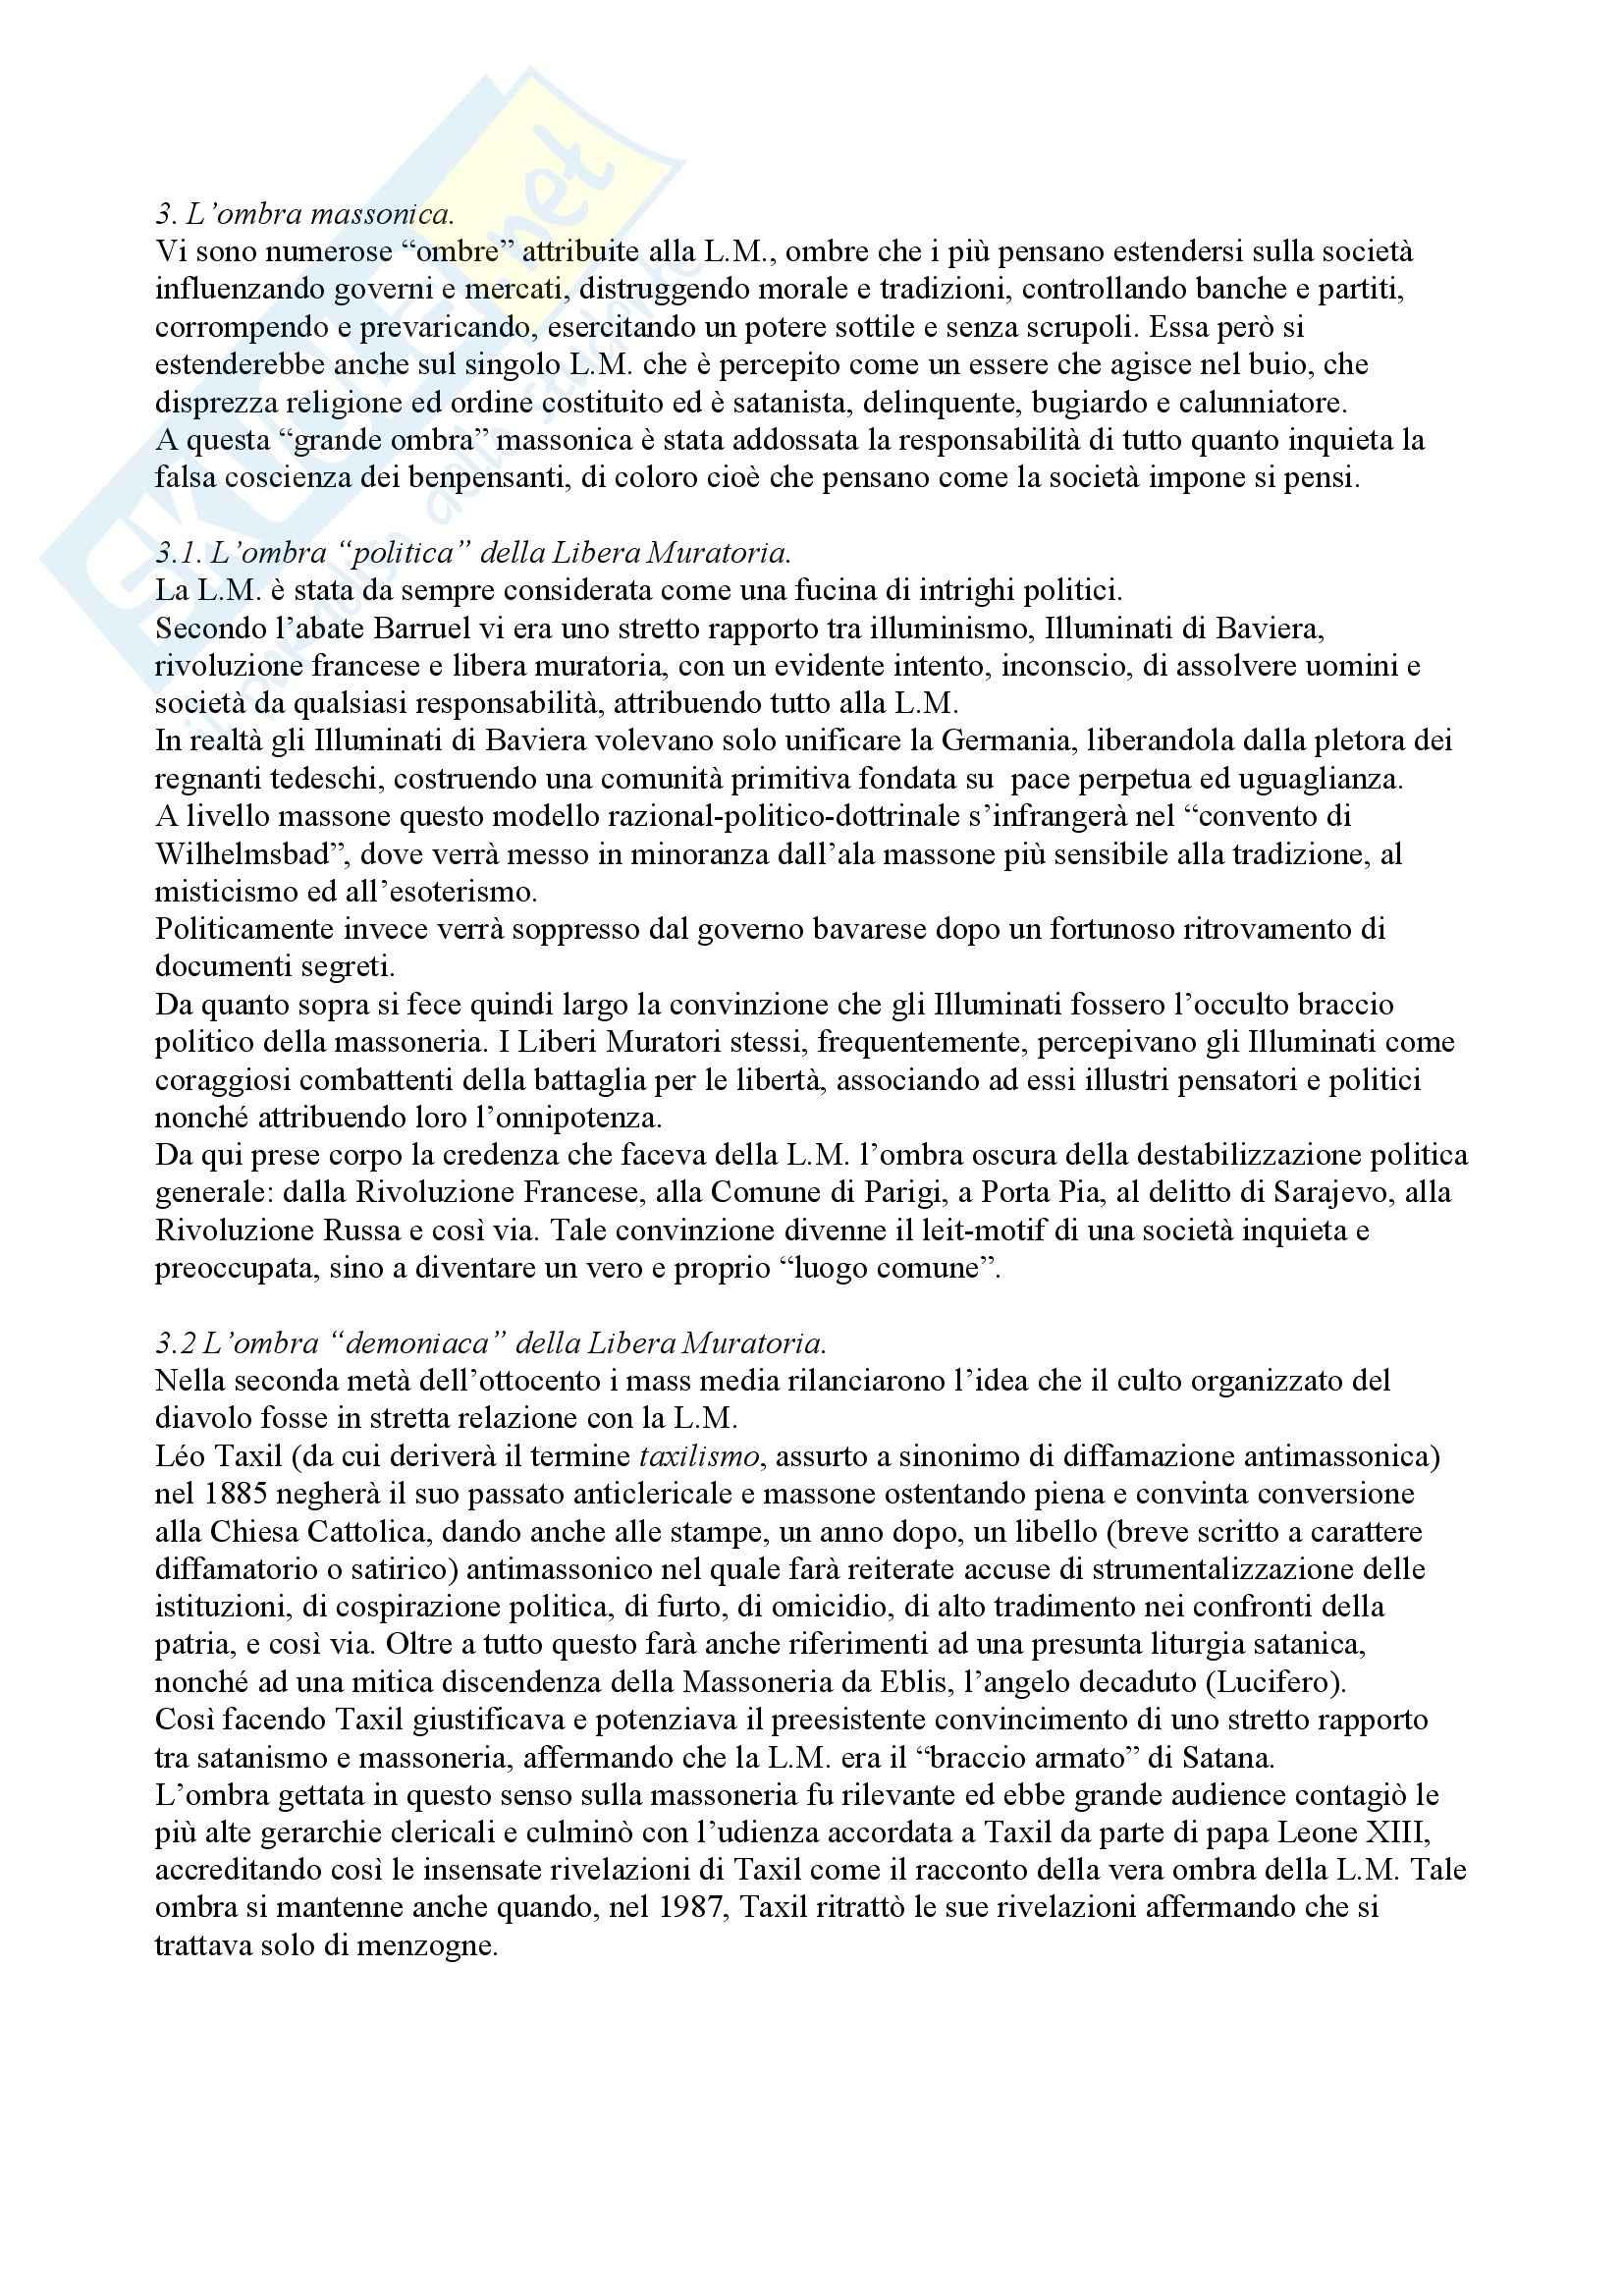 Filosofia delle scienze sociali - Esoterismo e Massoneria Pag. 2